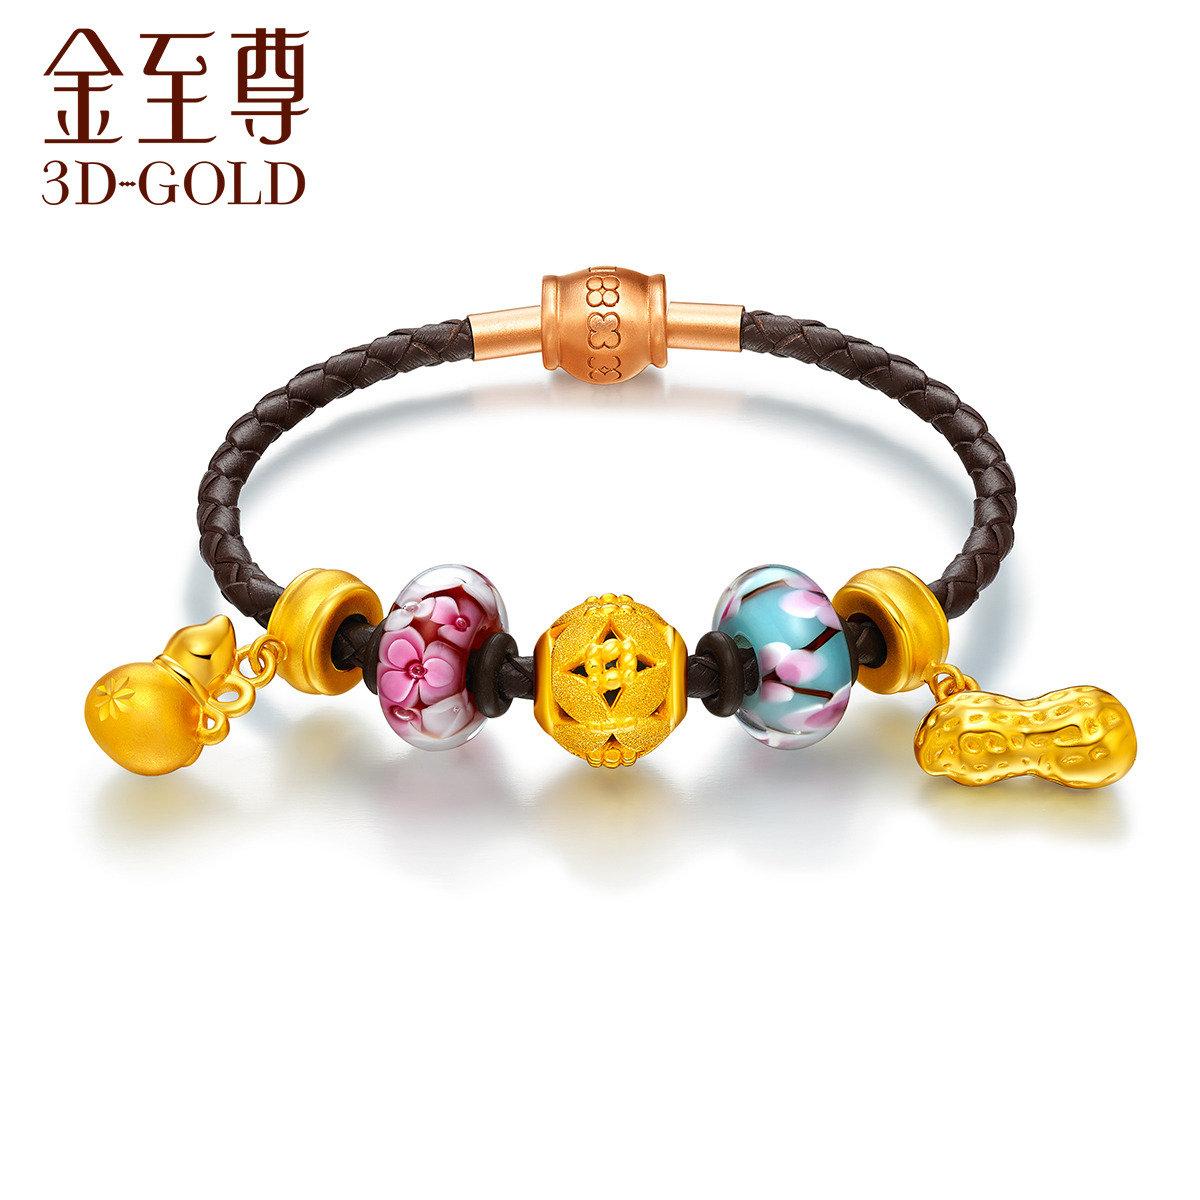 路路愛系列 Au999 硬金吊墜襯琉璃珠手繩